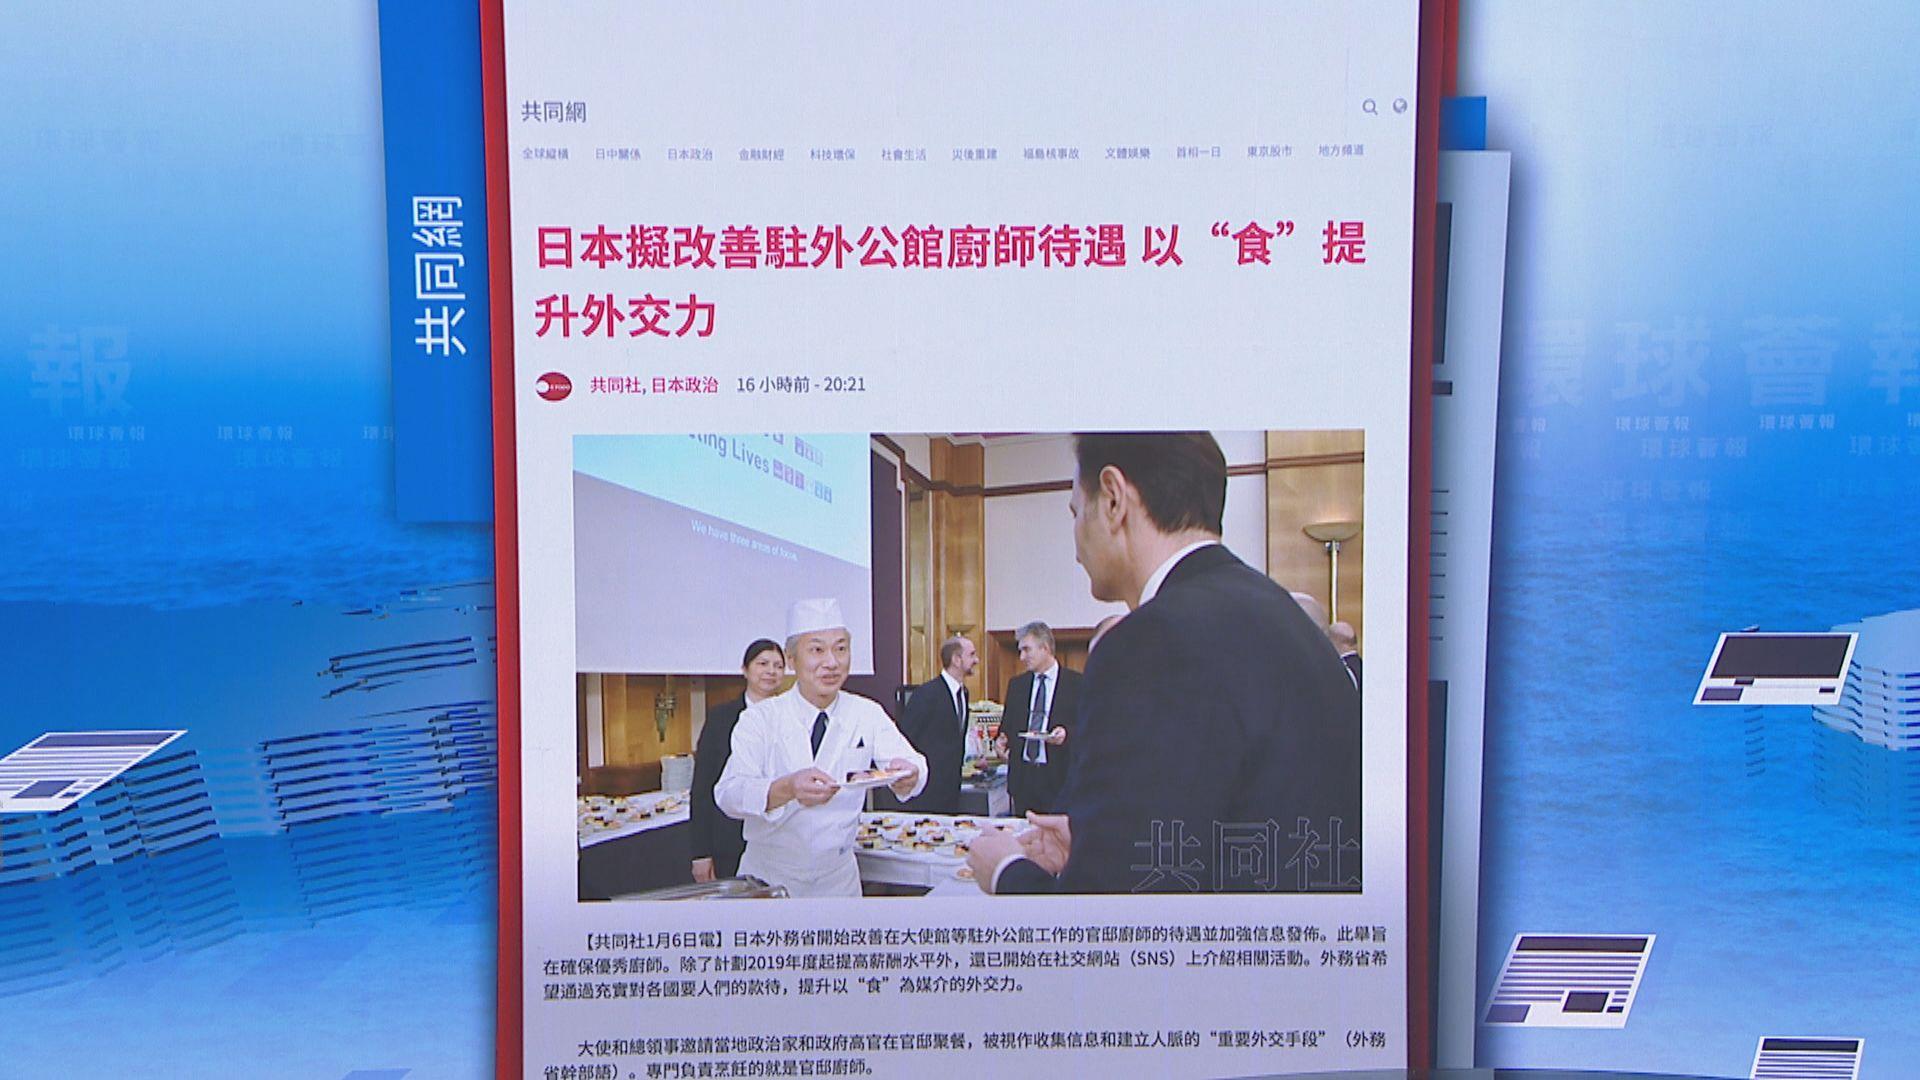 【環球薈報】外務省計劃以「食」提升外交力